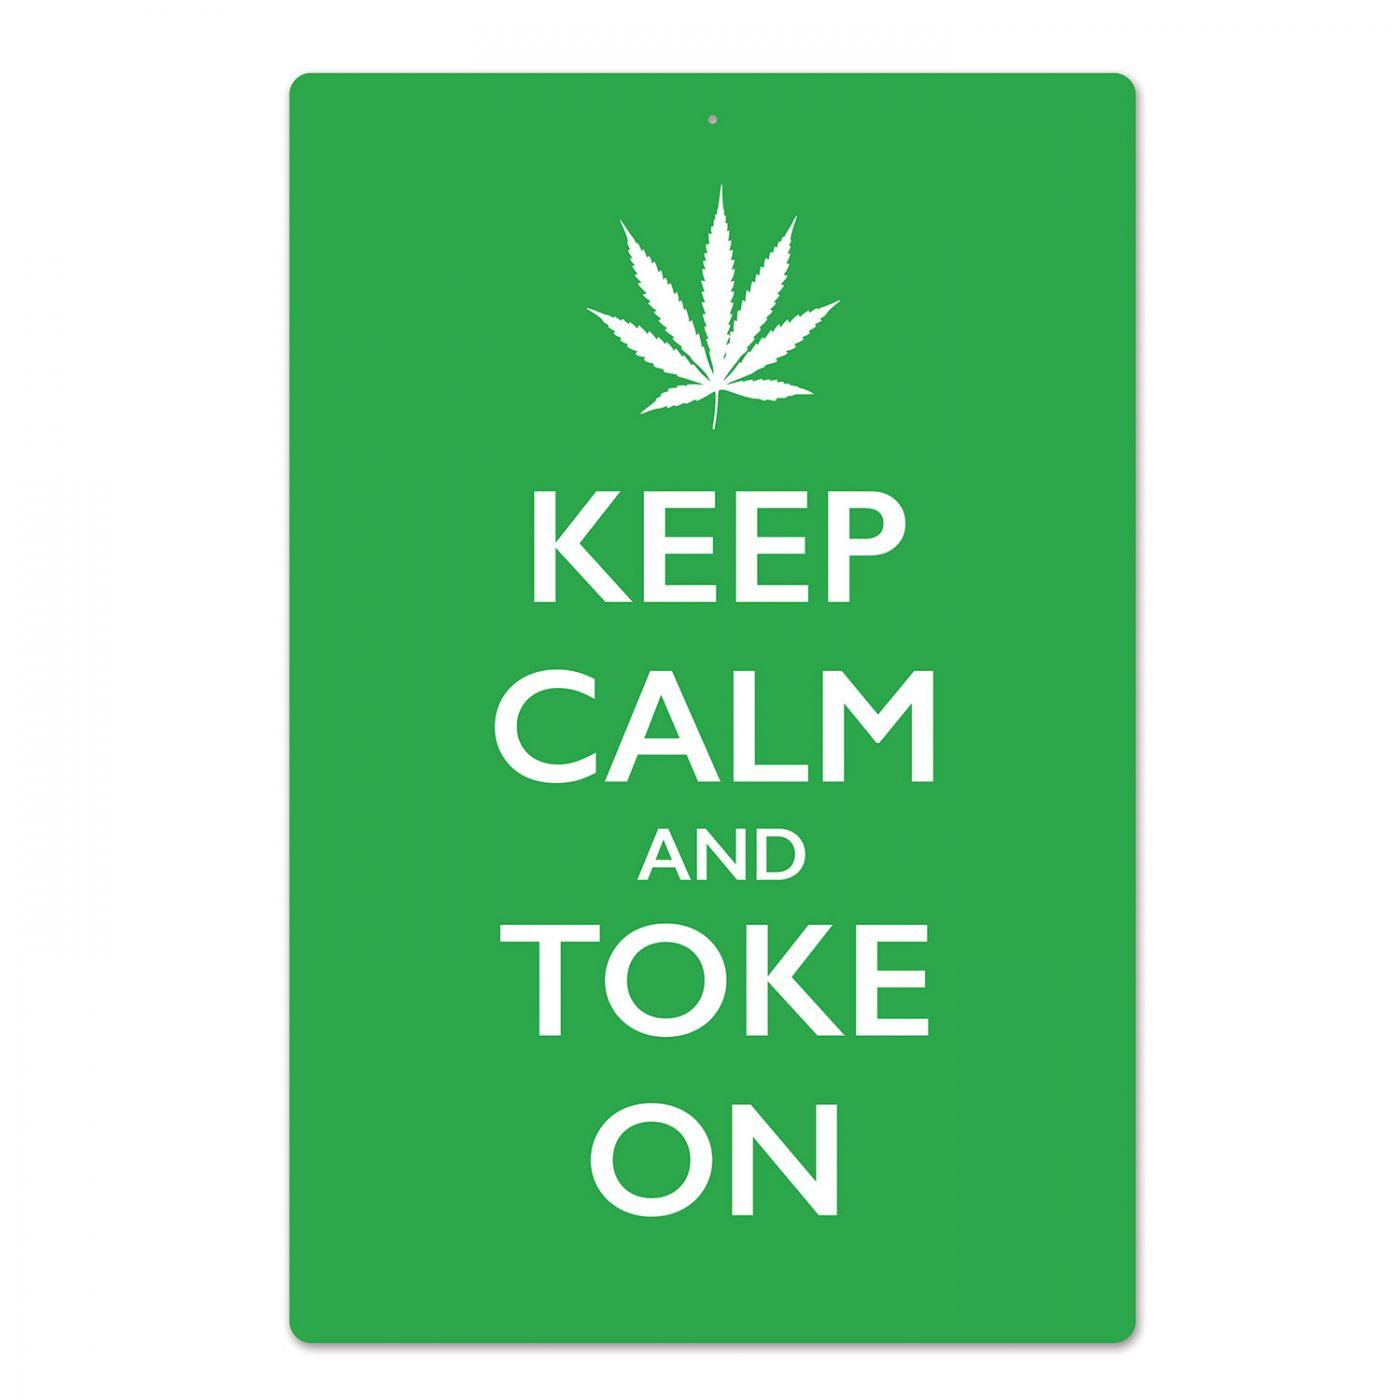 Keep Calm & Toke On Sign image